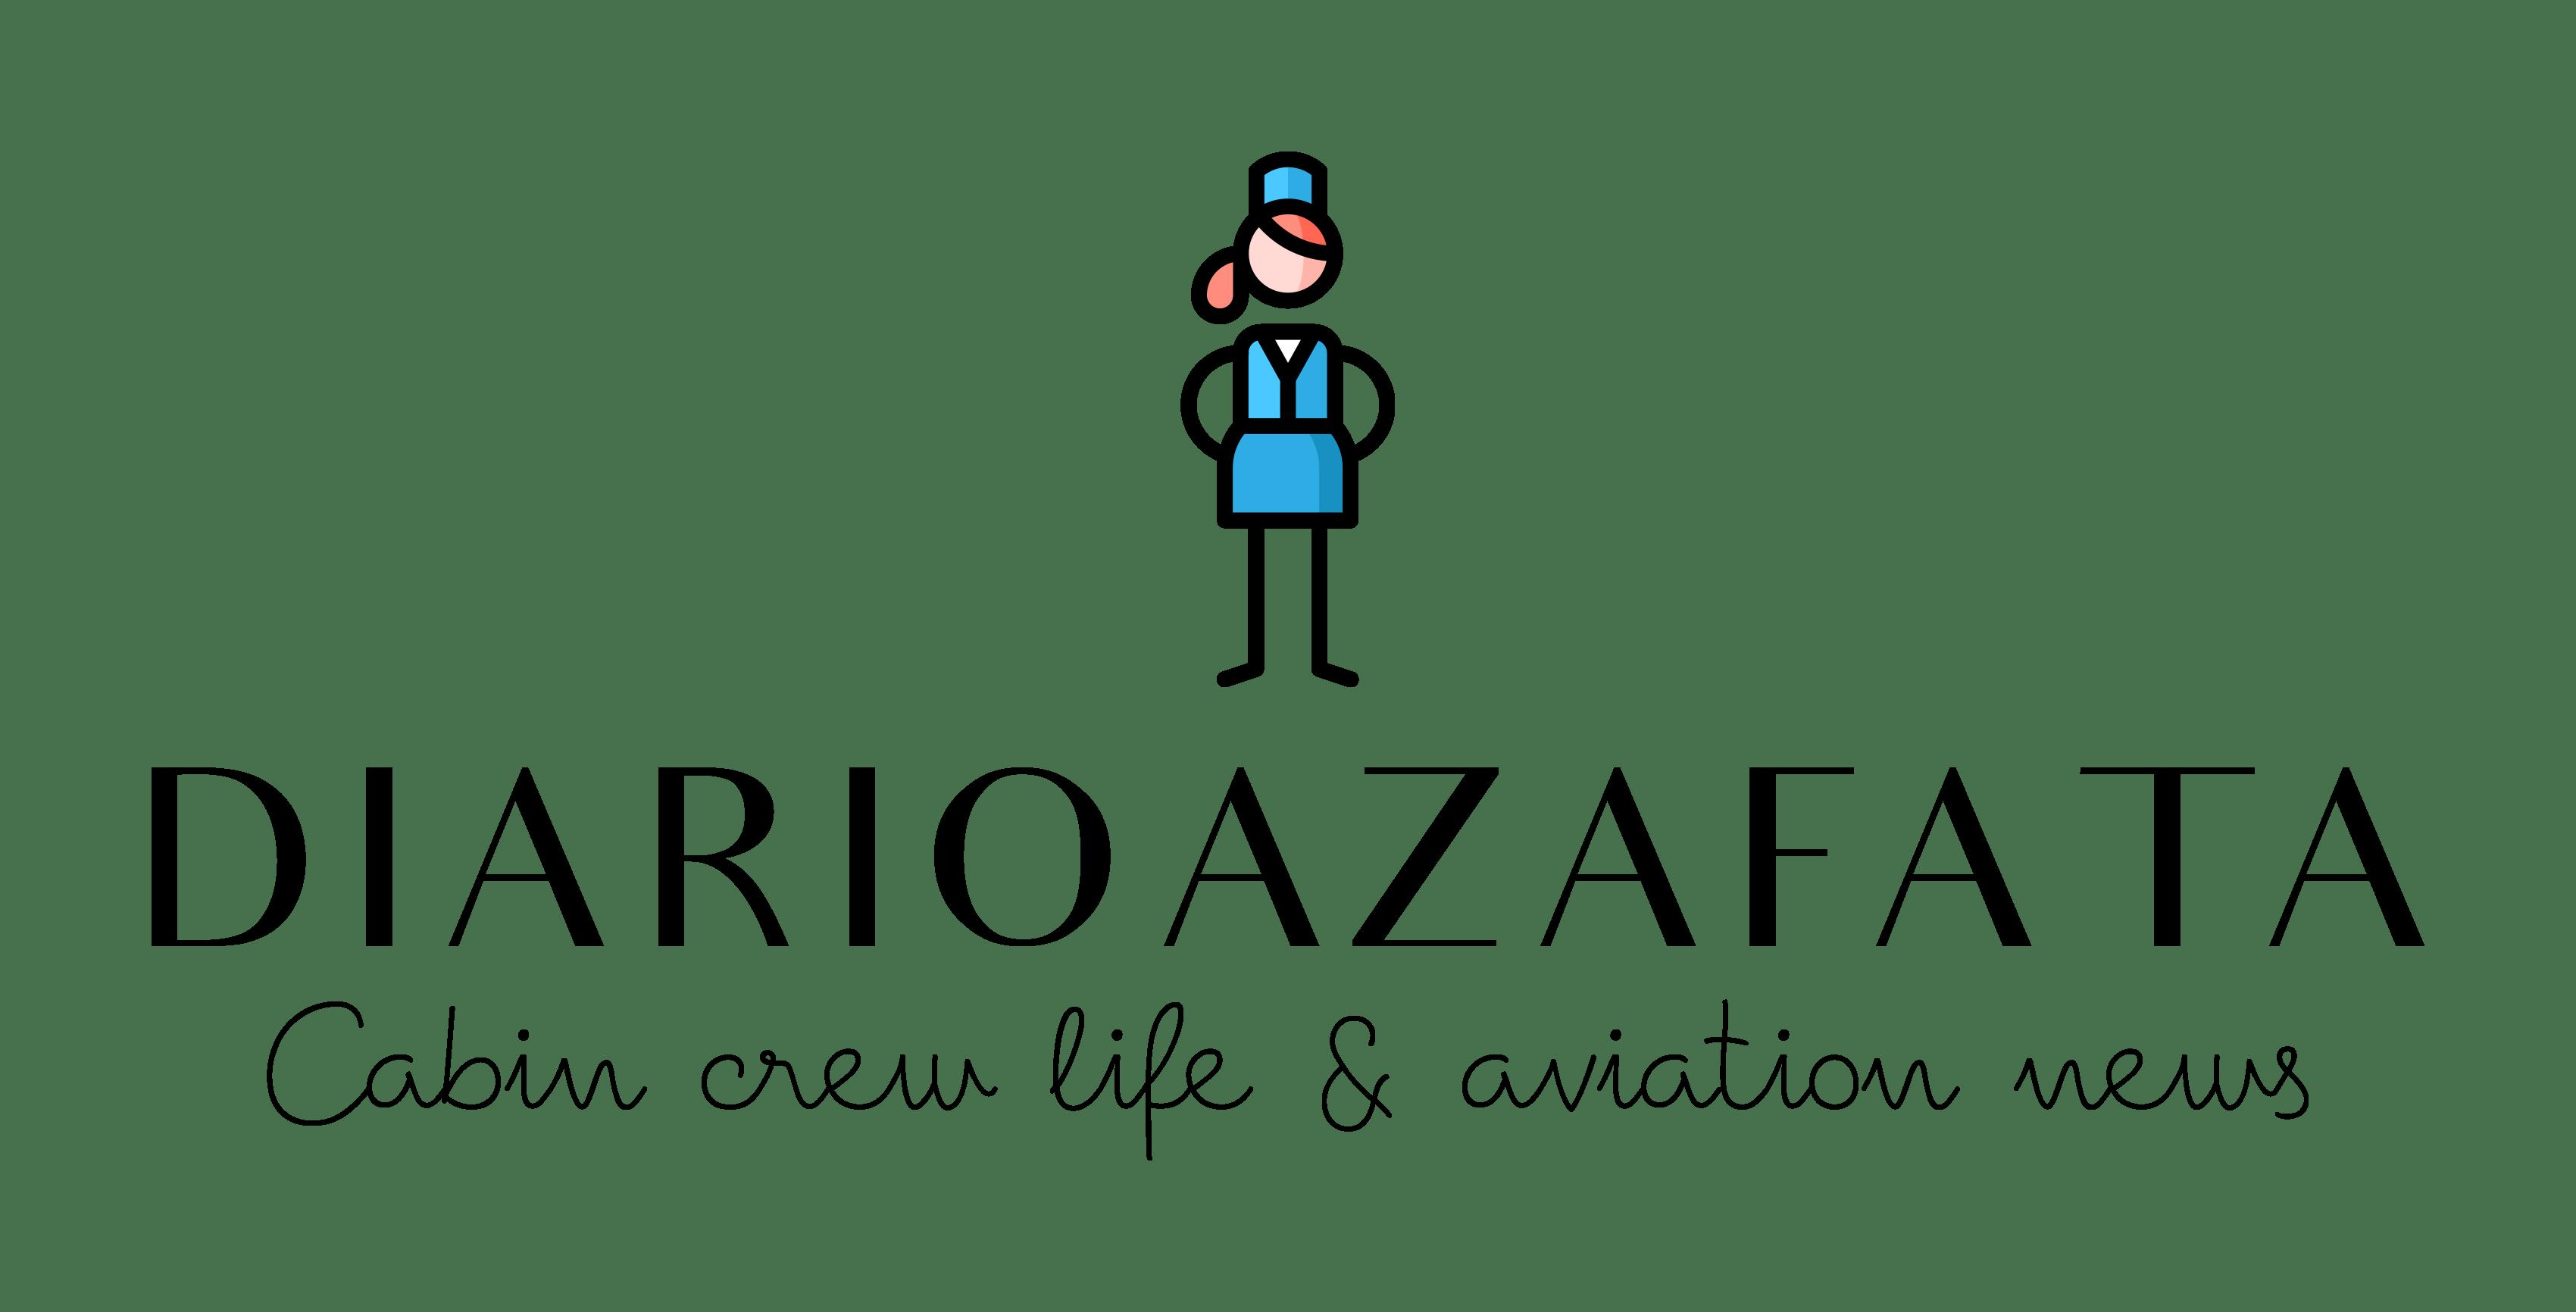 Diarioazafata